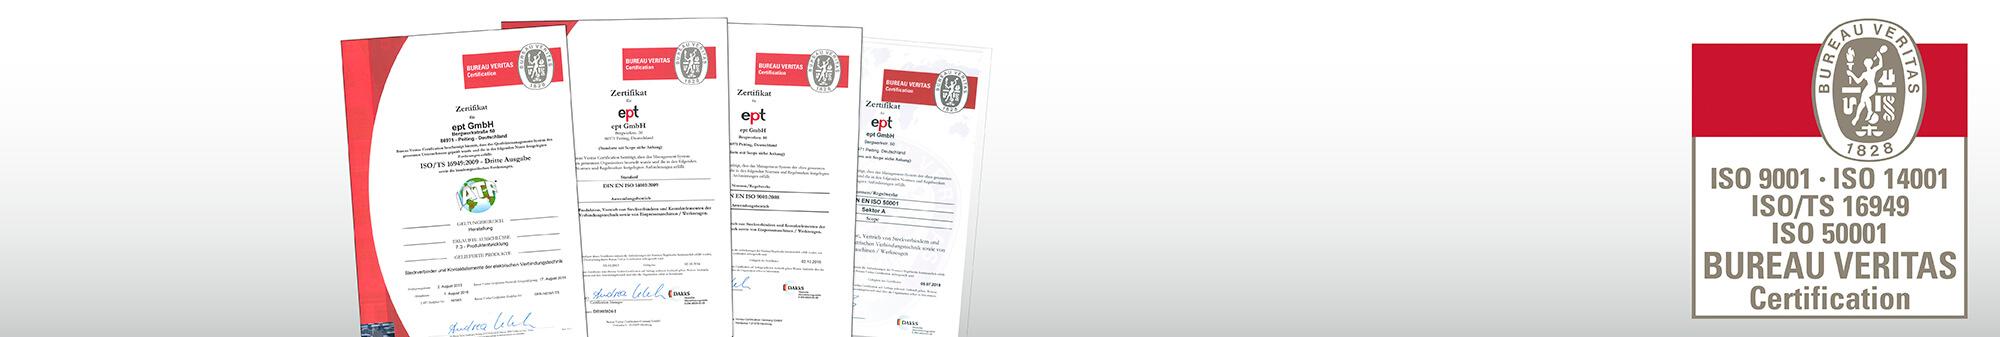 Grafik Zertifikate Testberichte 2000px